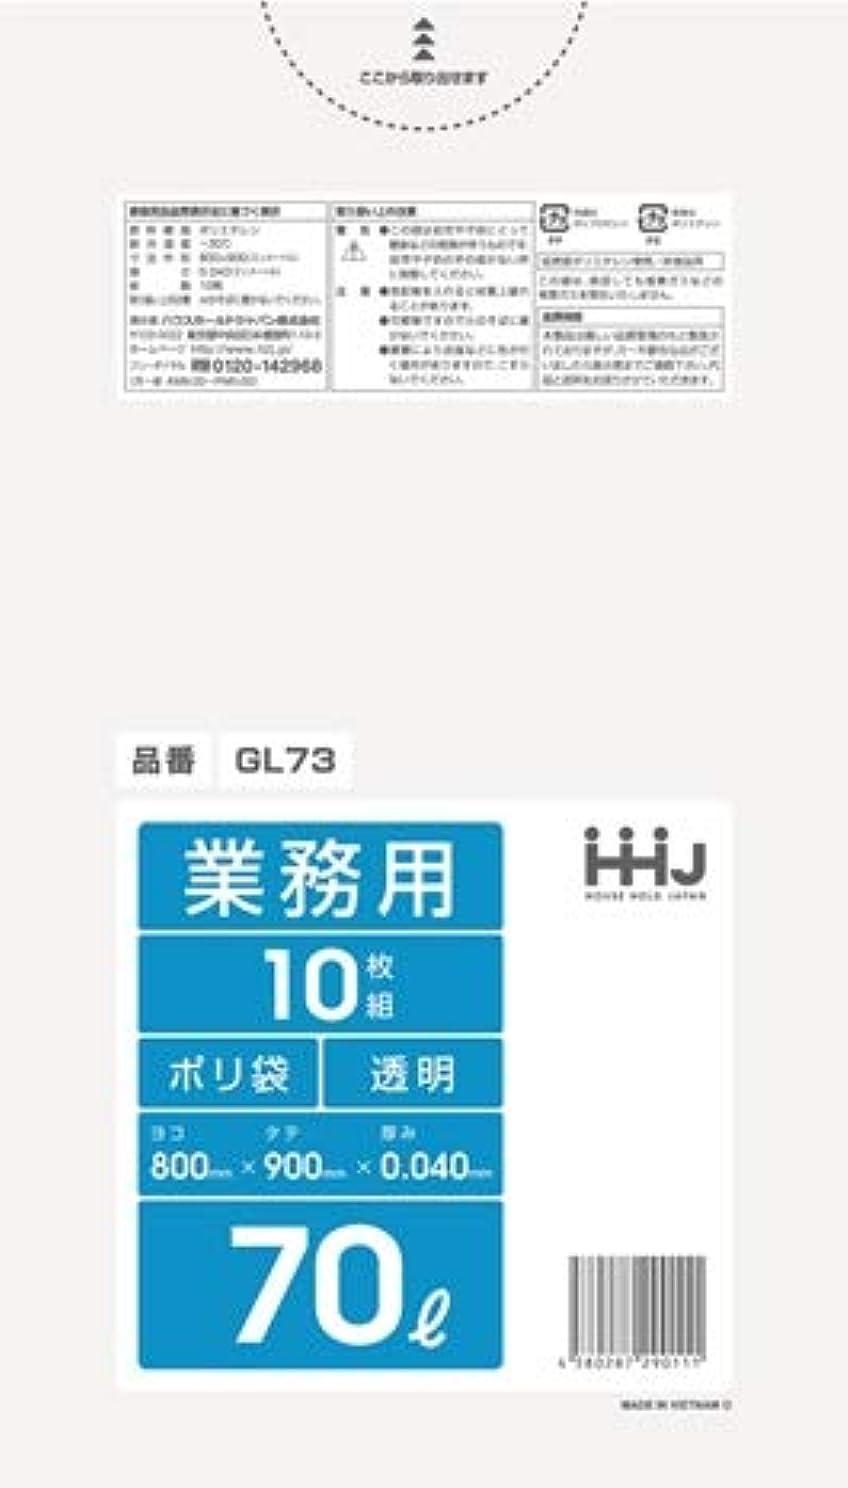 海軍突っ込む各【お買得】HHJ 業務用ポリ袋 70L 透明 0.040mm 400枚 10枚×40冊入 GL73